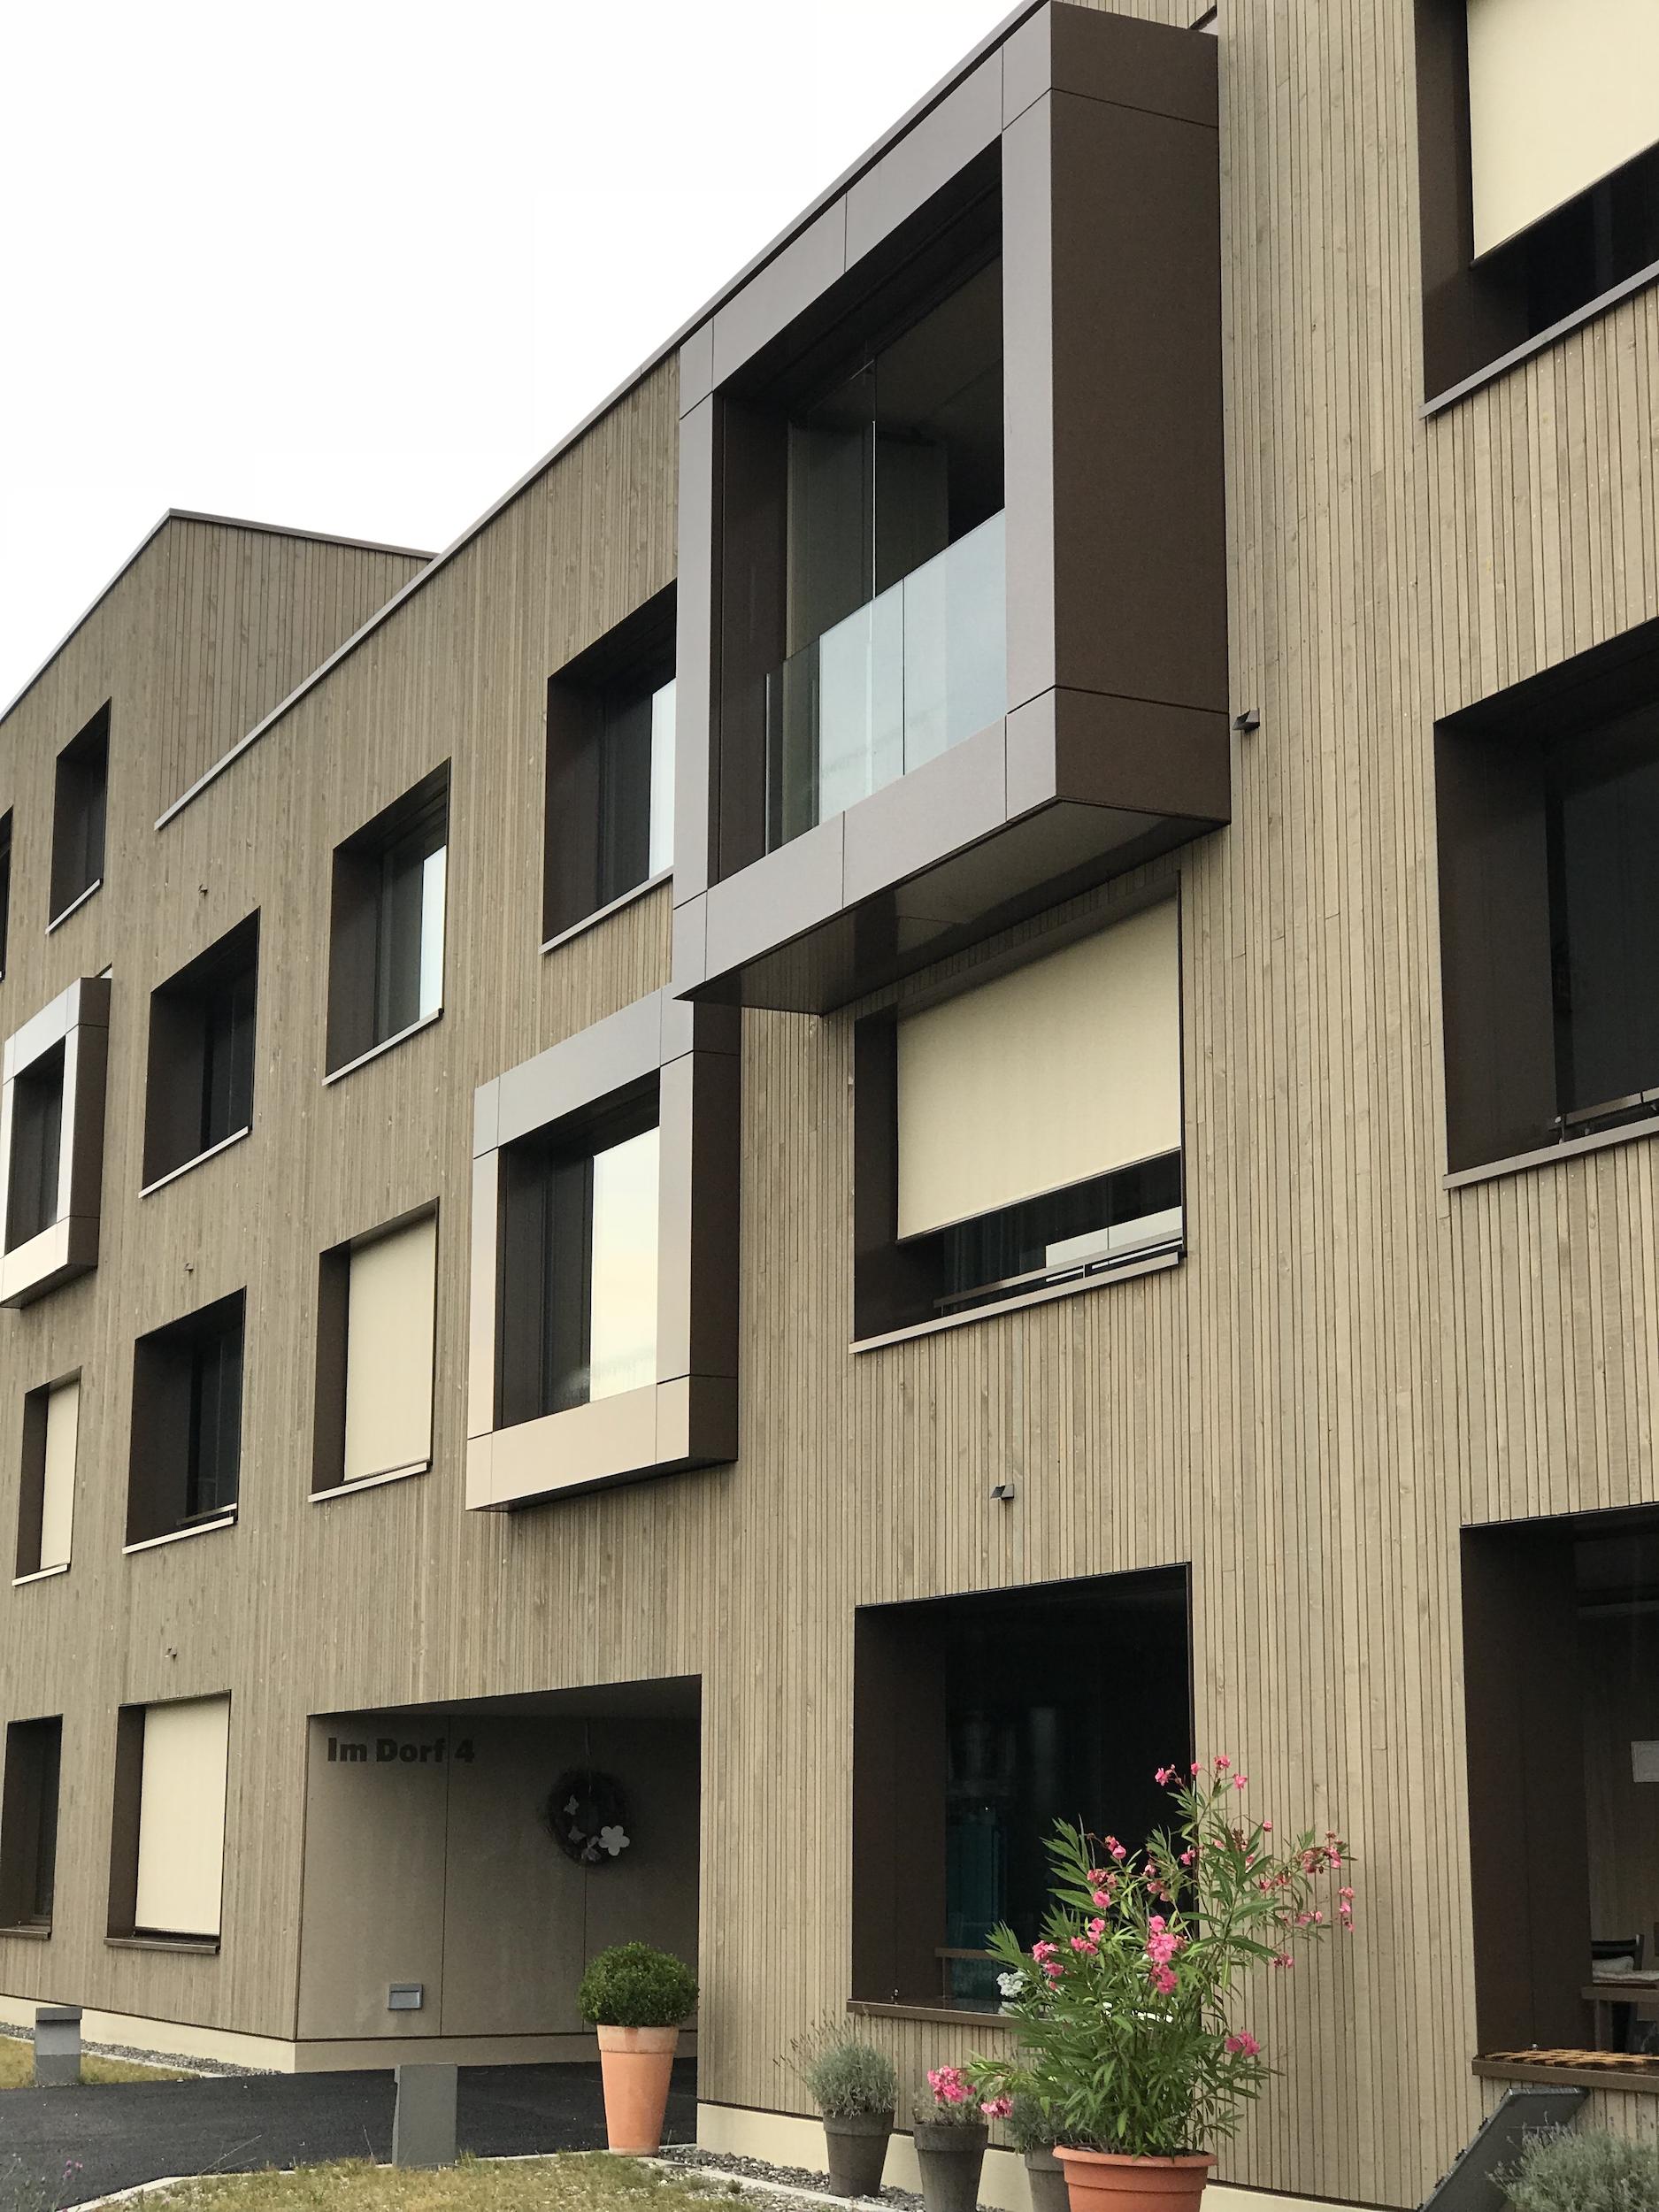 Fenster- und Tuerrzargen_Schenkon